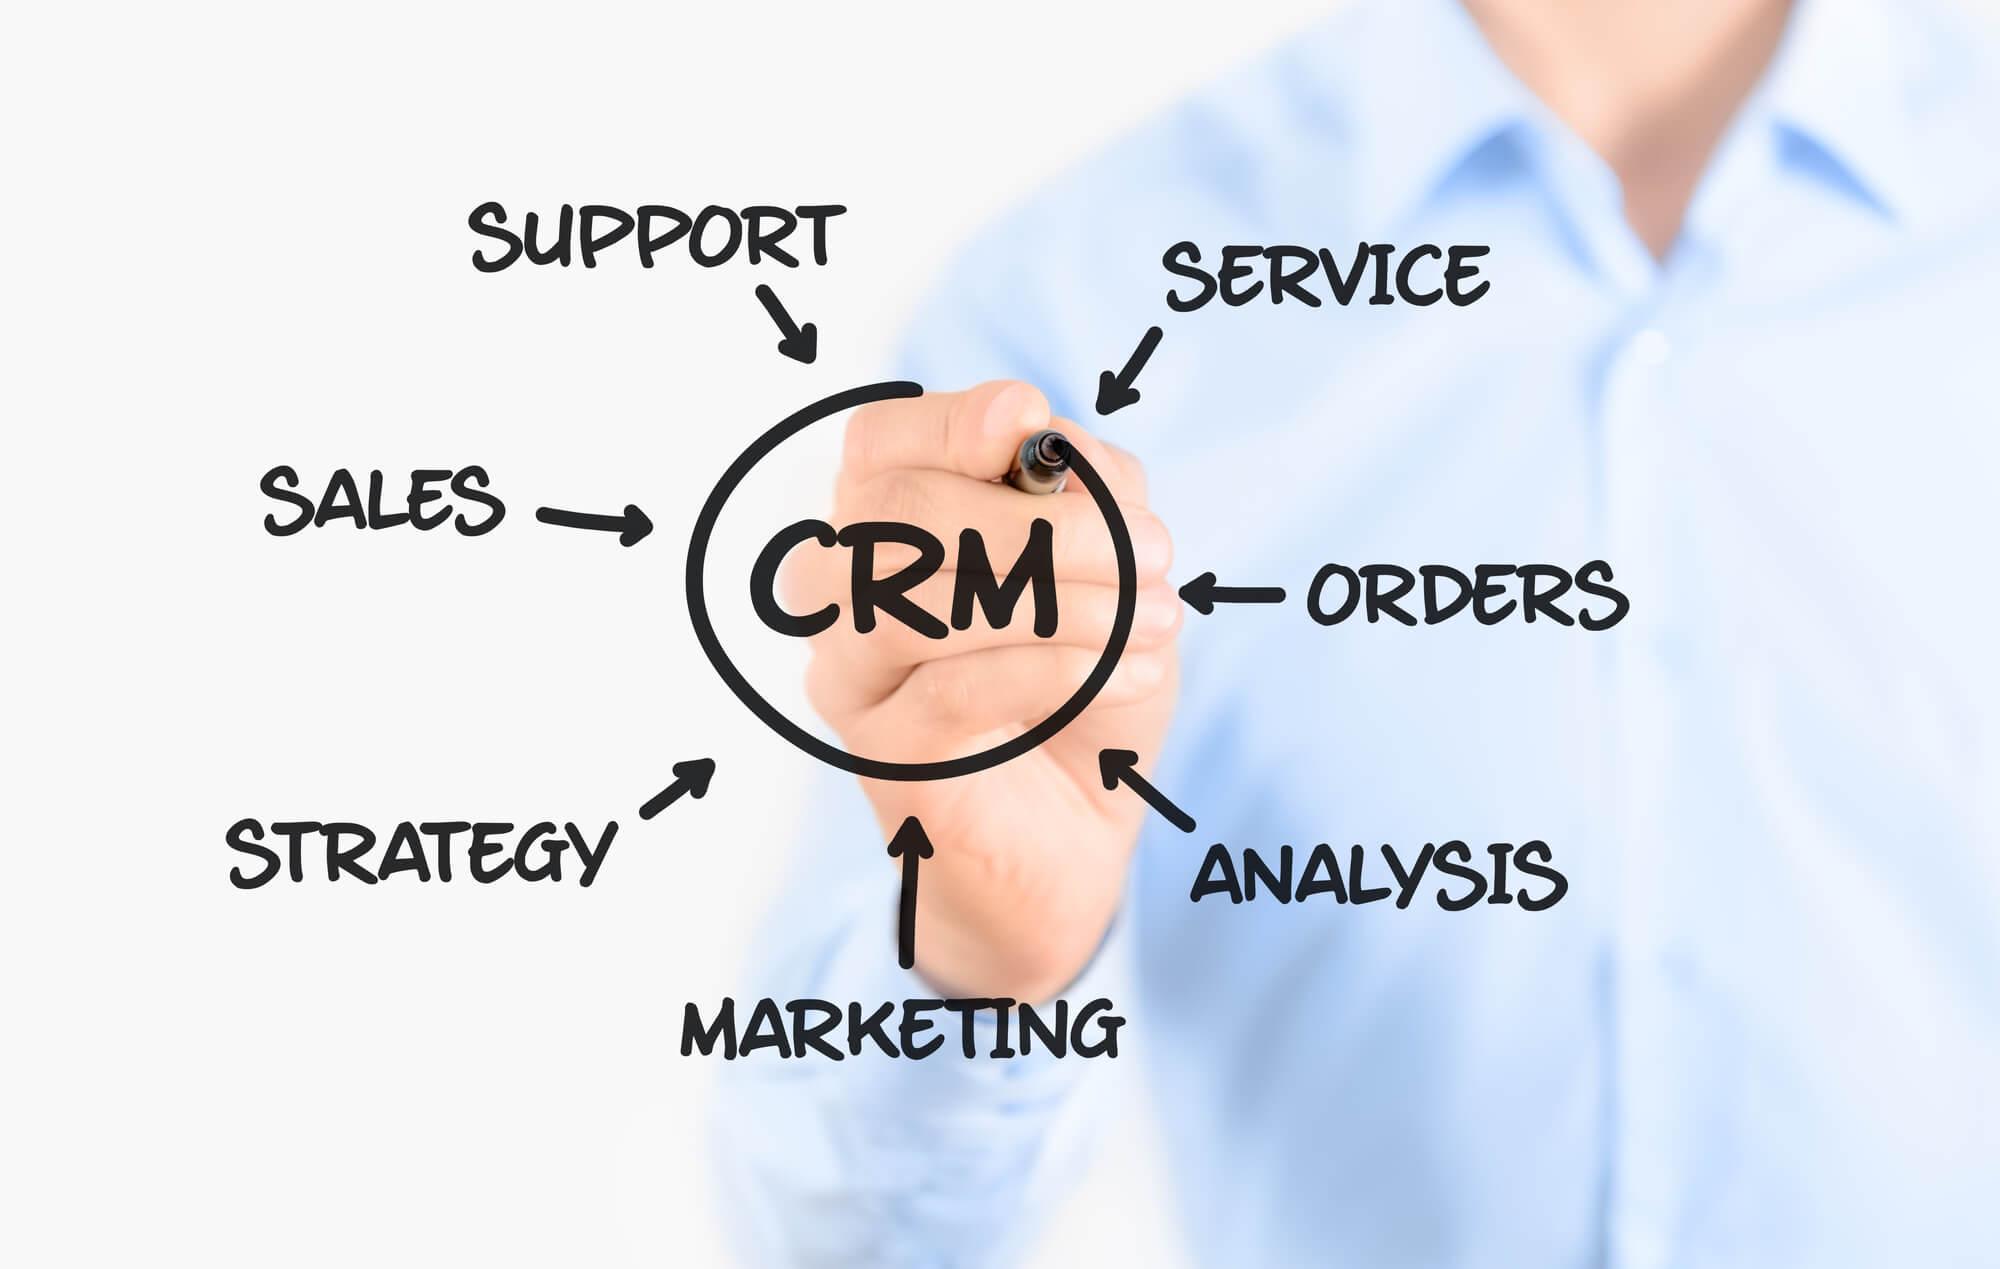 Aprende a desarrollar una estrategia Customer Centric para tu planta productiva. ¿Por qué apostar por un CRM?